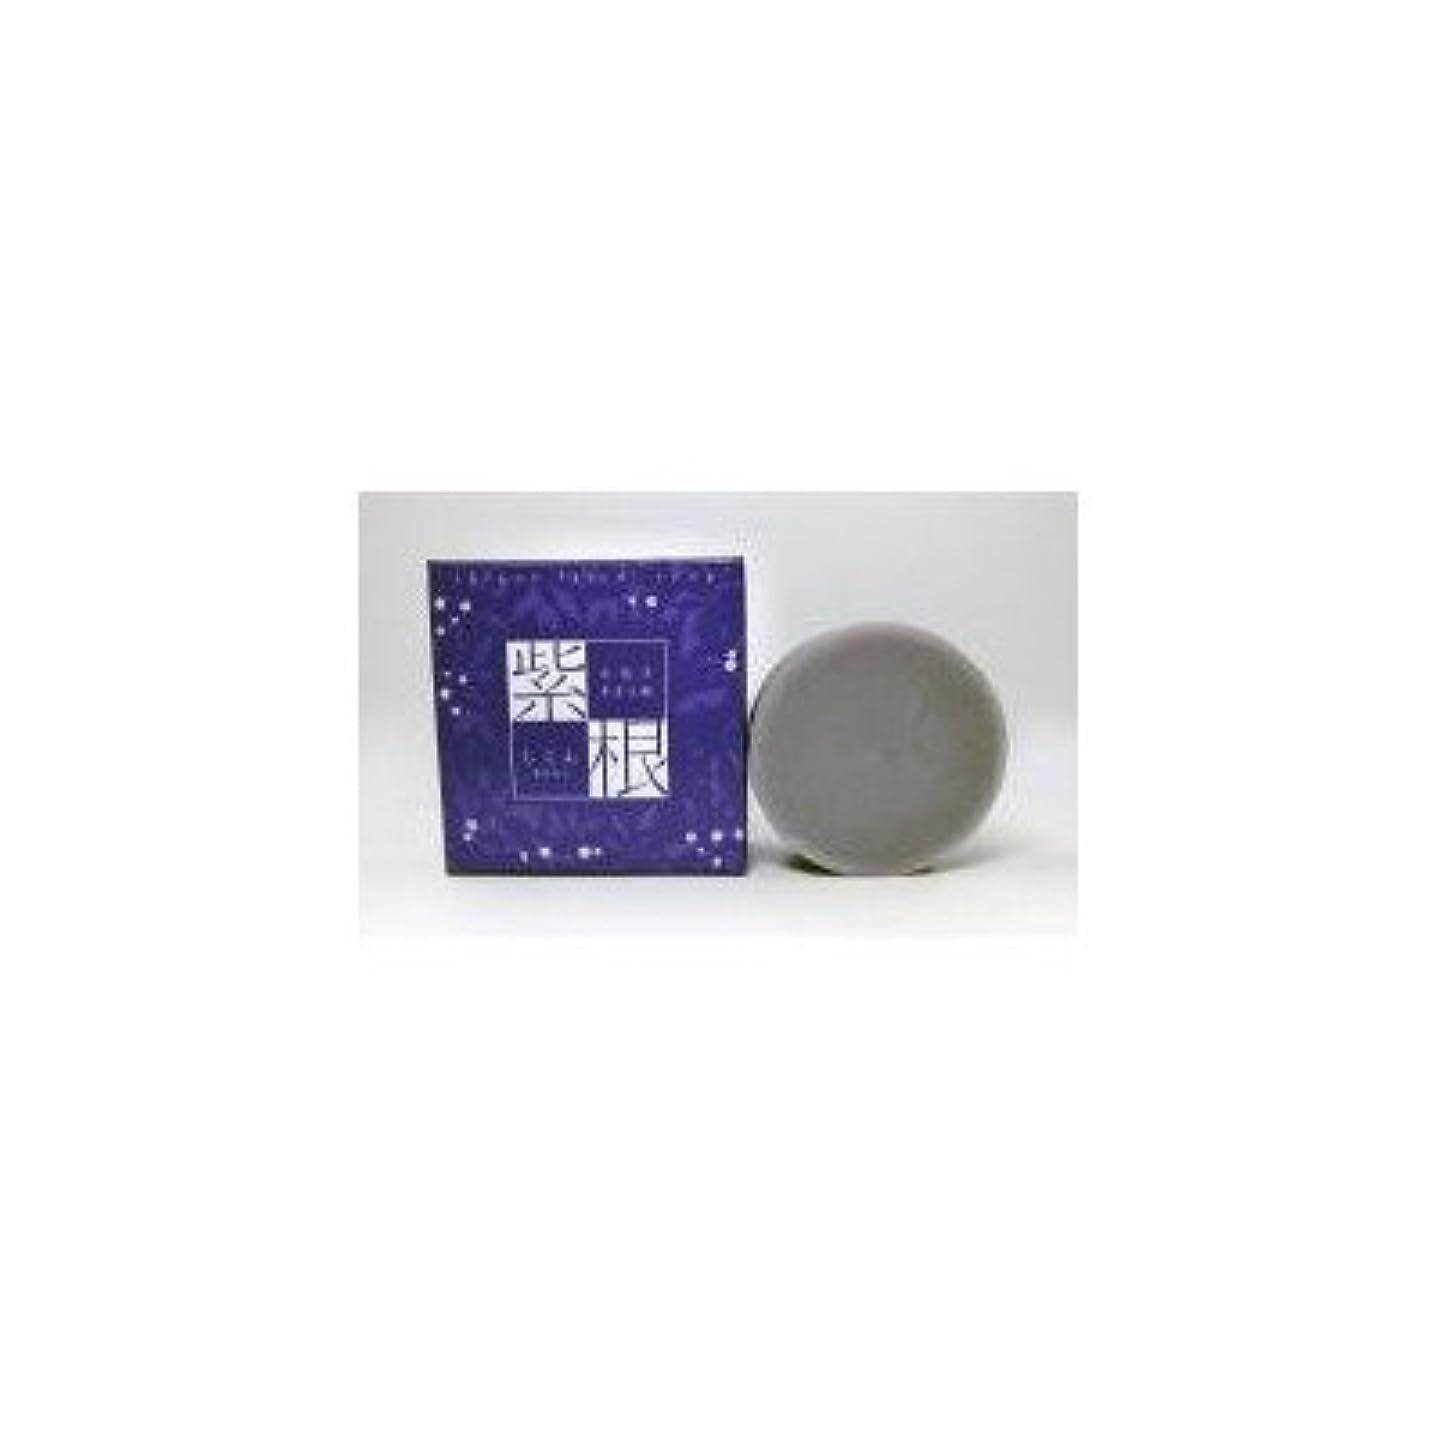 逆さまに歪める多数の紫根石鹸 100g×5個セット